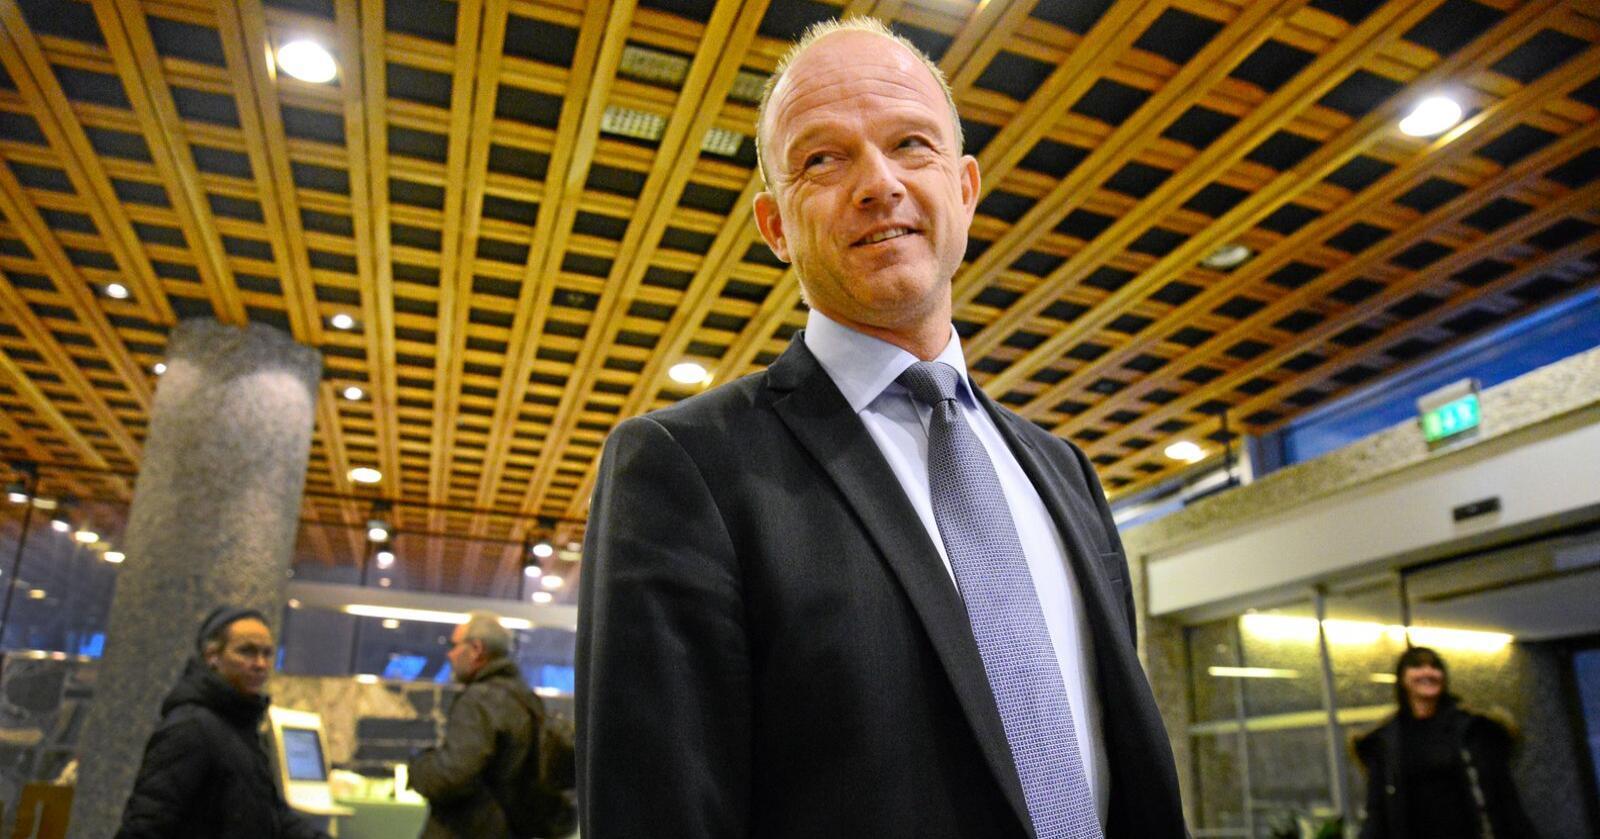 Vindkraft: NHO-sjef Ole Erik Almlid gir ikke blankofullmakt til vindkraftutbyggerne. Foto: Siri Juell Rasmussen